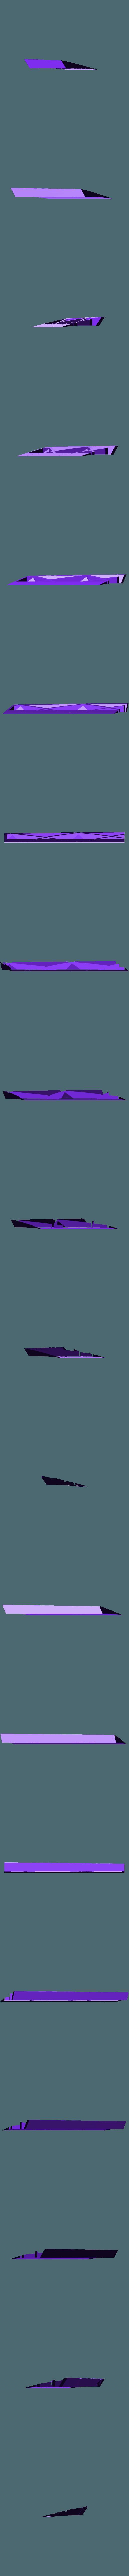 Aileron_2L_Scaled.stl Télécharger fichier STL gratuit Module HF3D : Plan imprimé 3D • Modèle pour imprimante 3D, FurEter